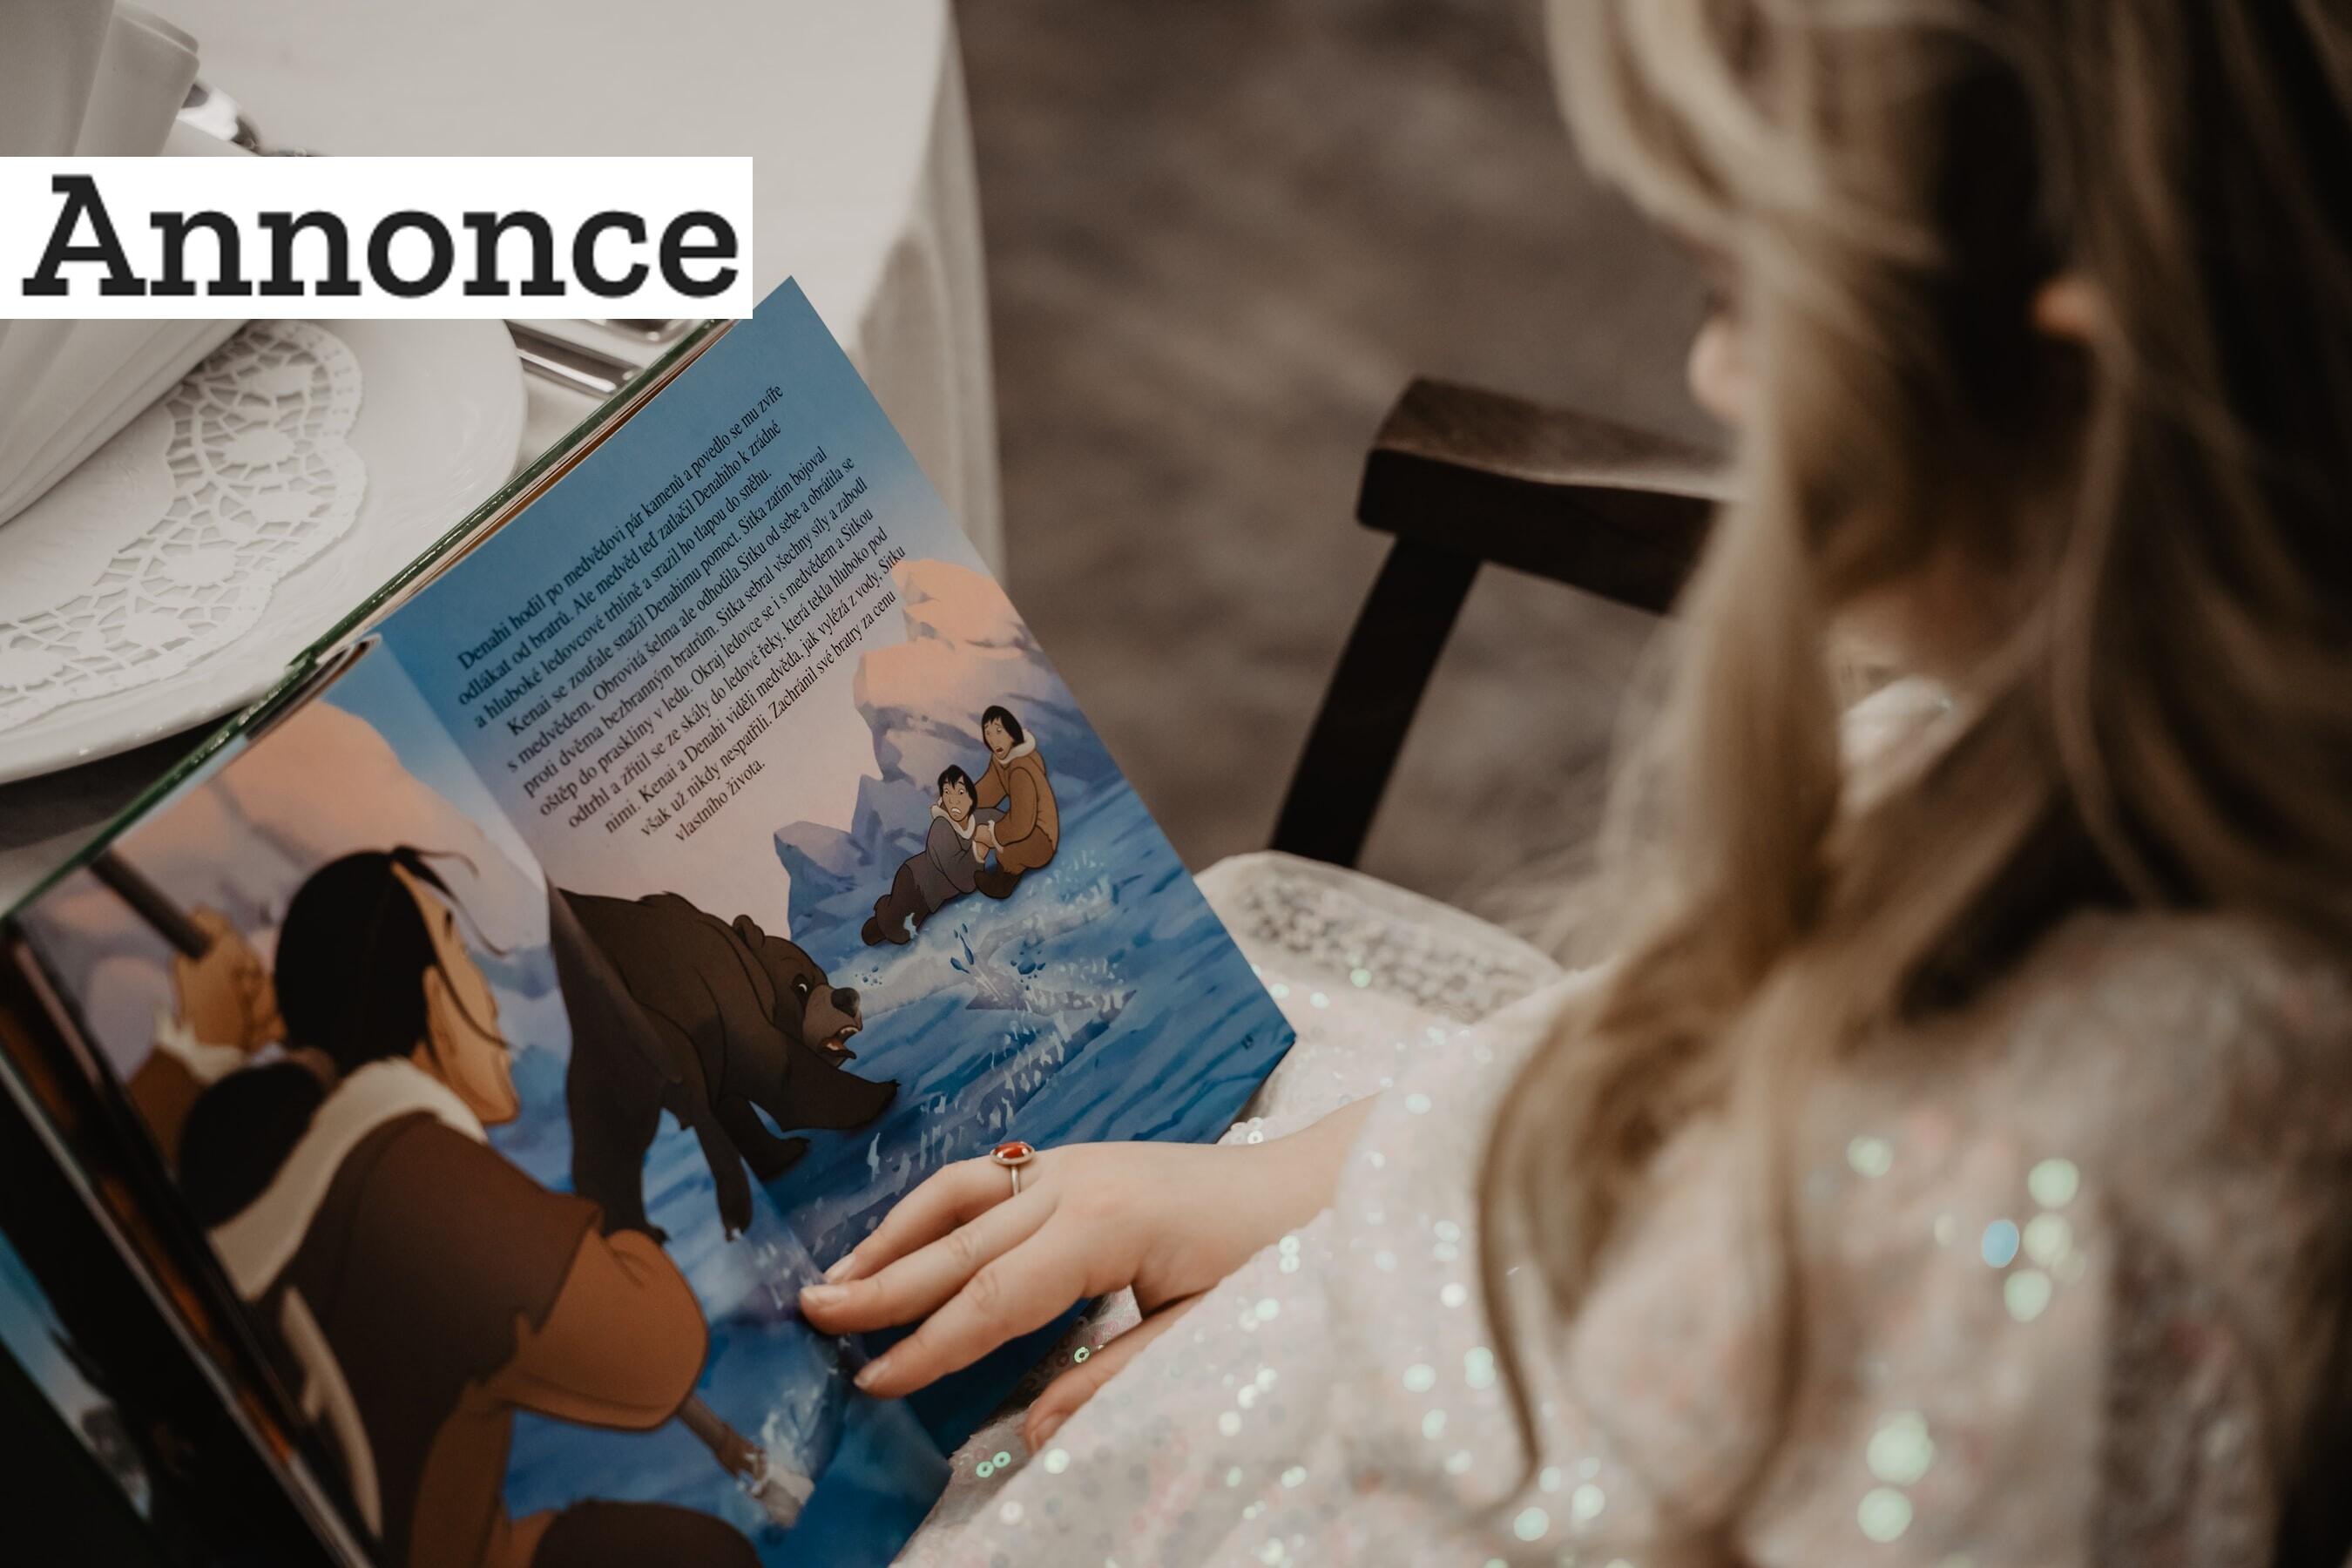 Shop børnebøger til dit barn